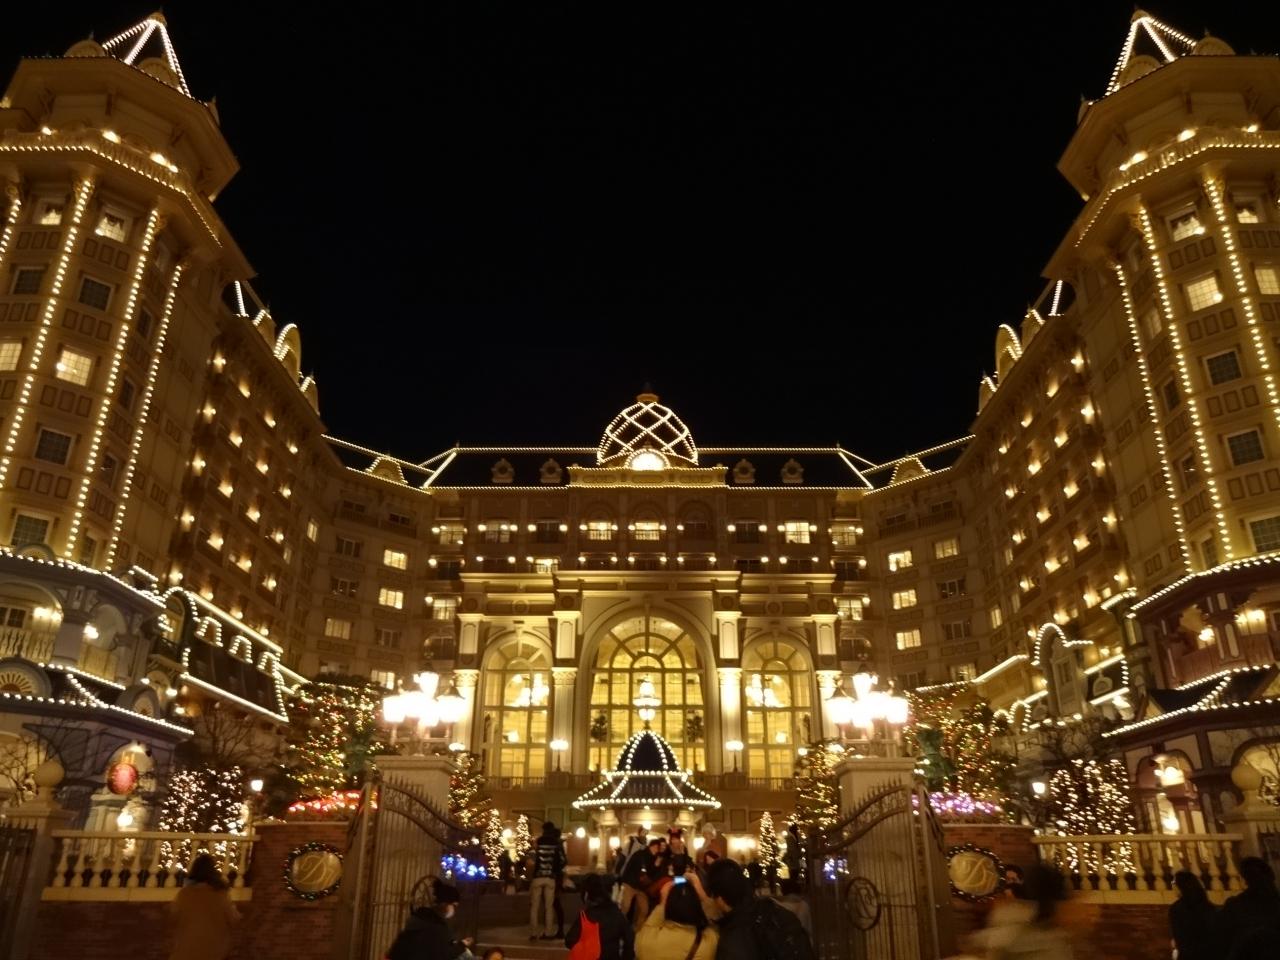 ディズニーランドホテル スーペリアアルコーヴルーム』東京ディズニー